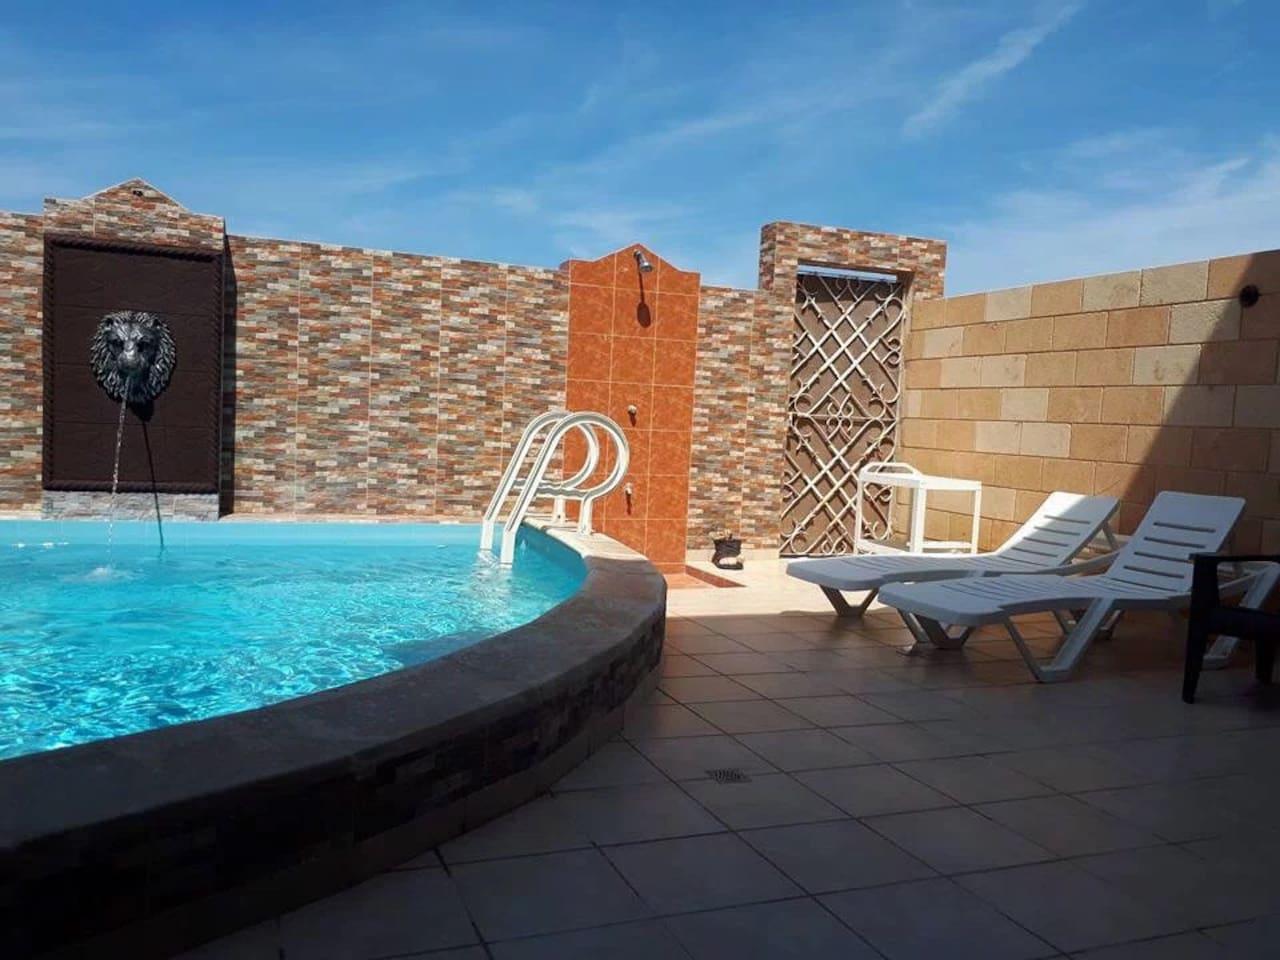 Casa Oceanview 1 - Luxury & Amazing View photo 23408911